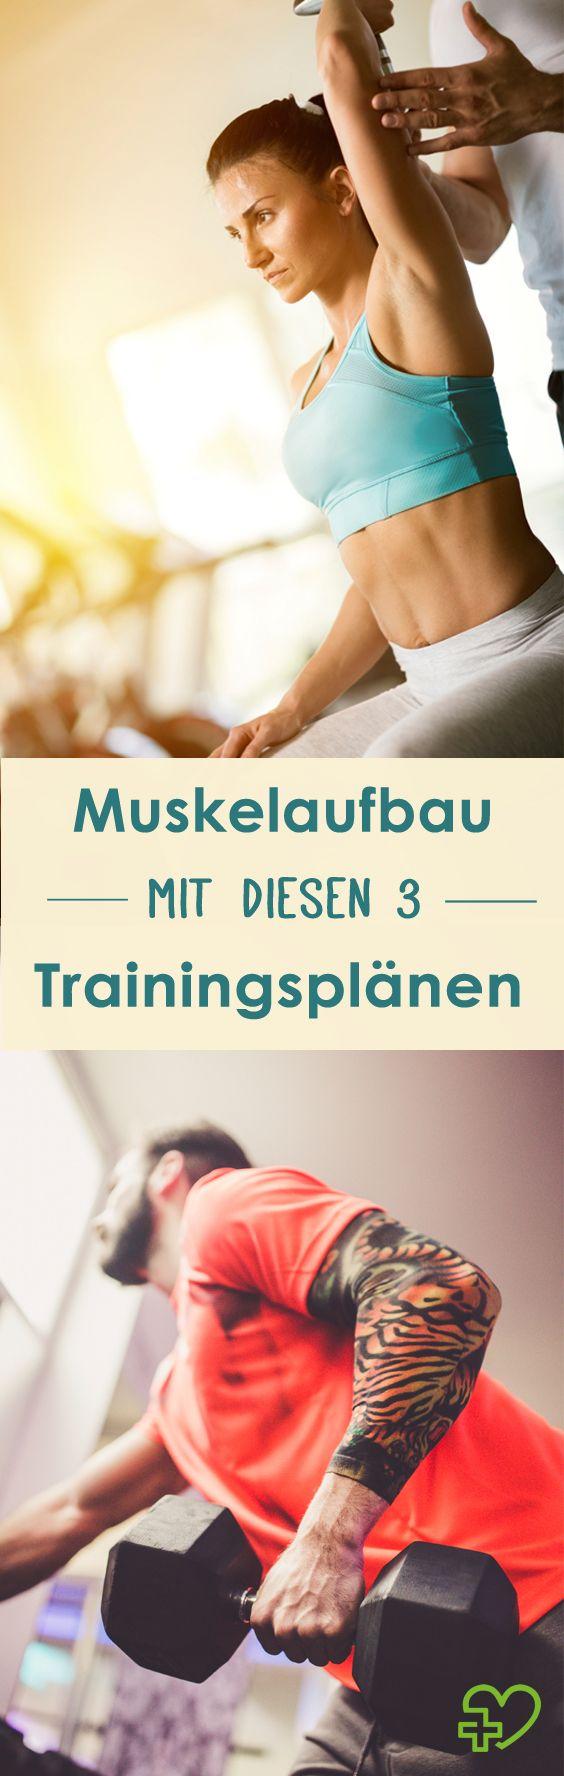 3 Trainingspläne für einen gesunden Muskelaufbau! (Bildquelle: istock)